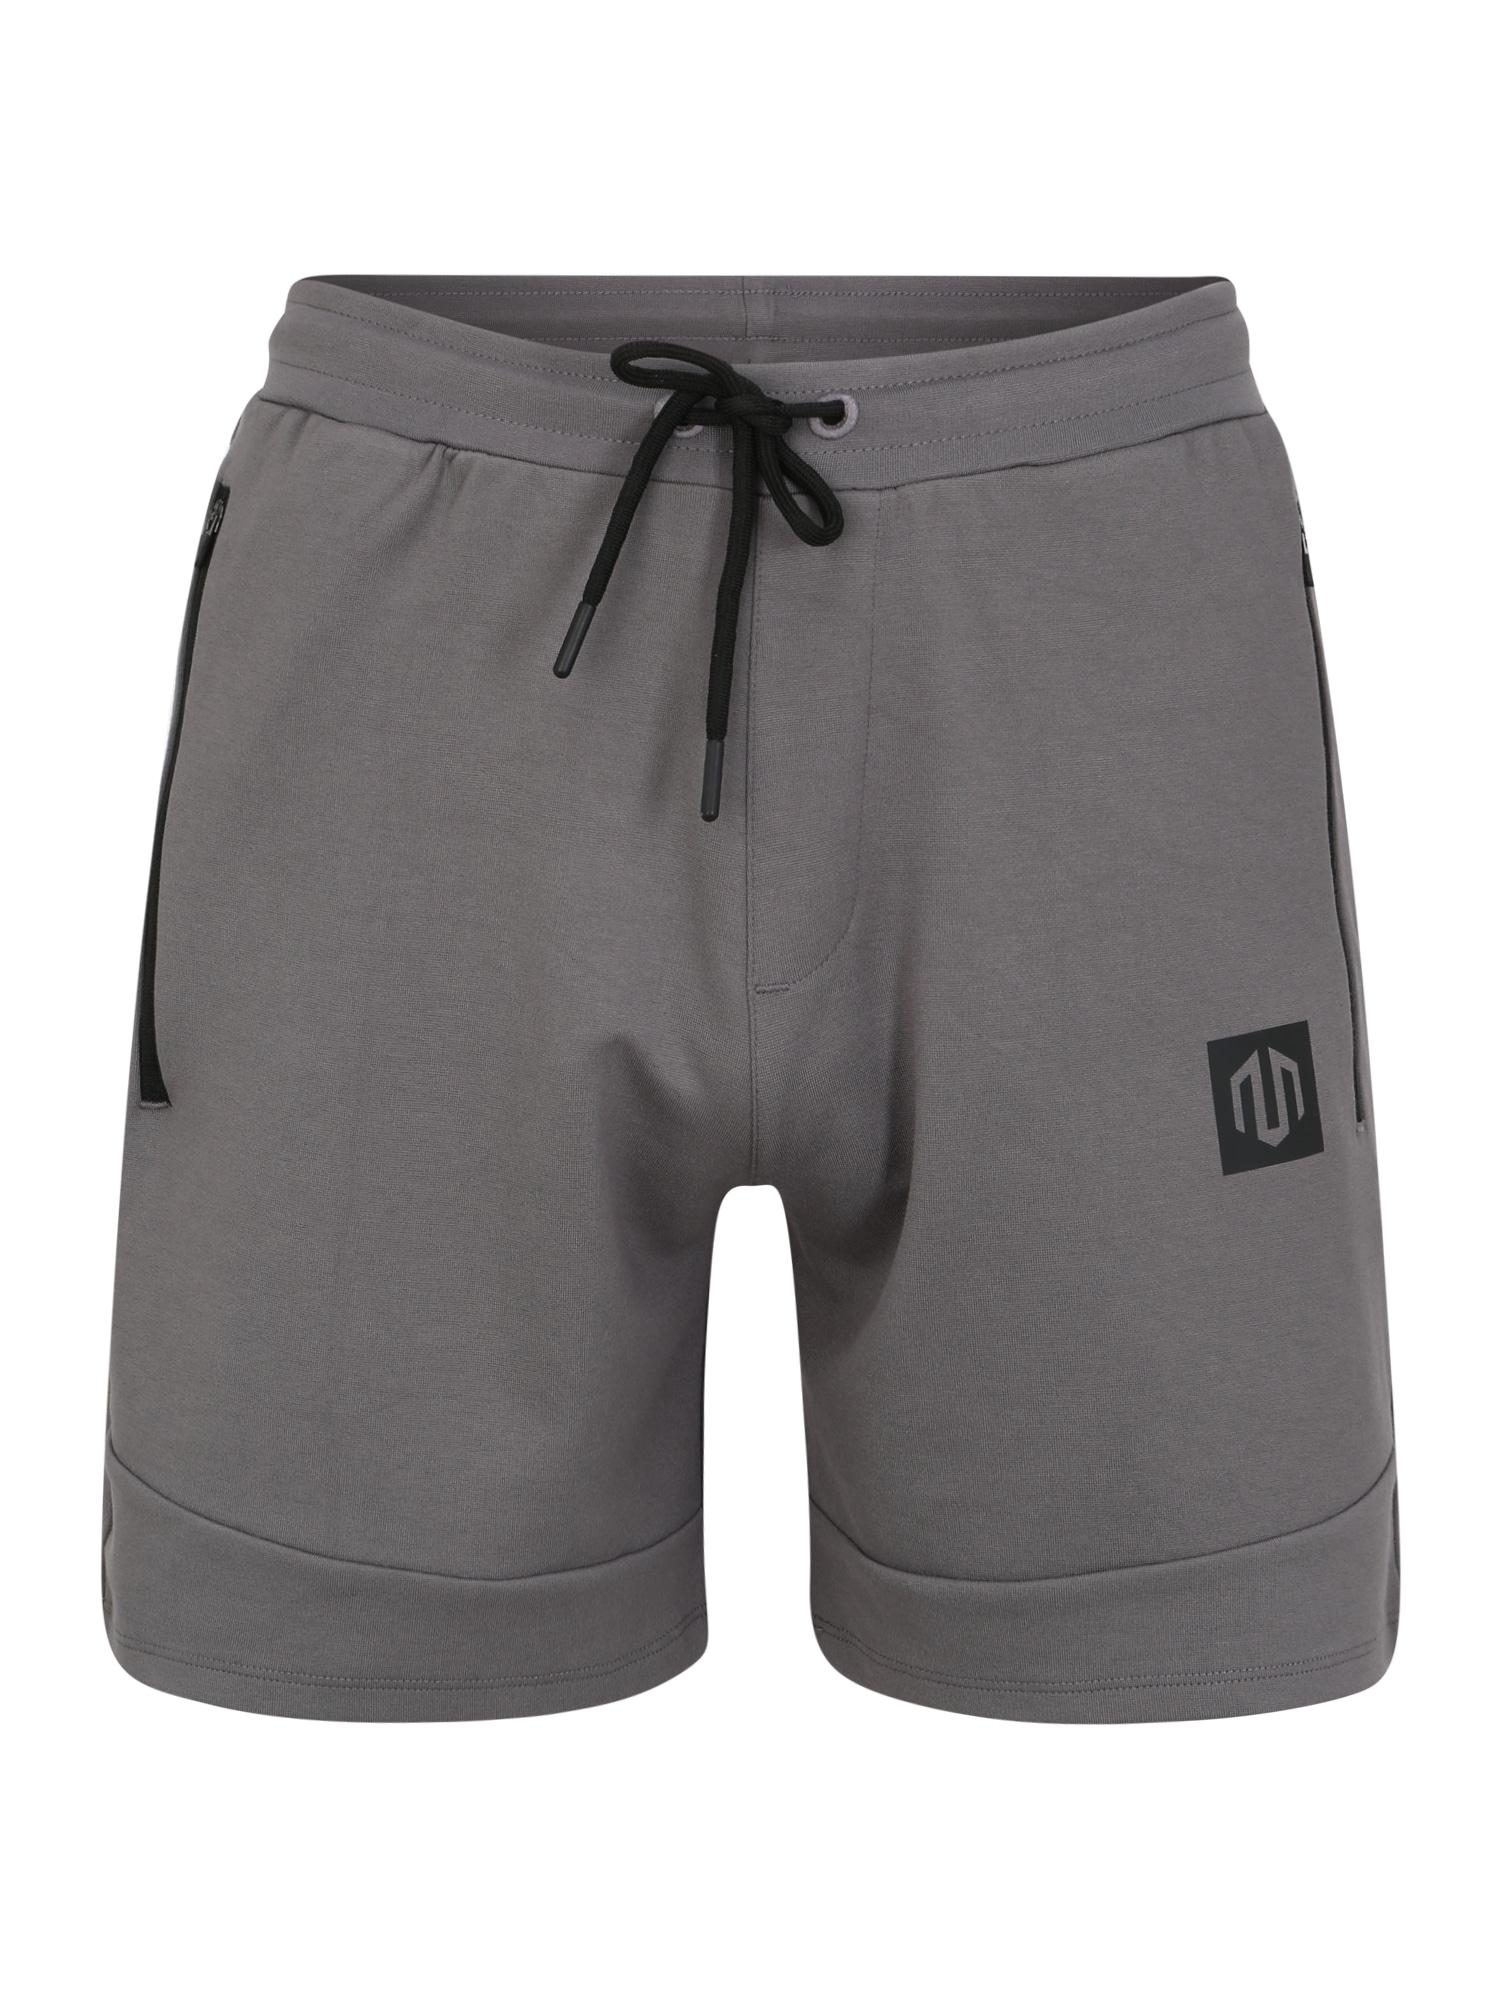 MOROTAI Sportinės kelnės 'Interlock' pilka